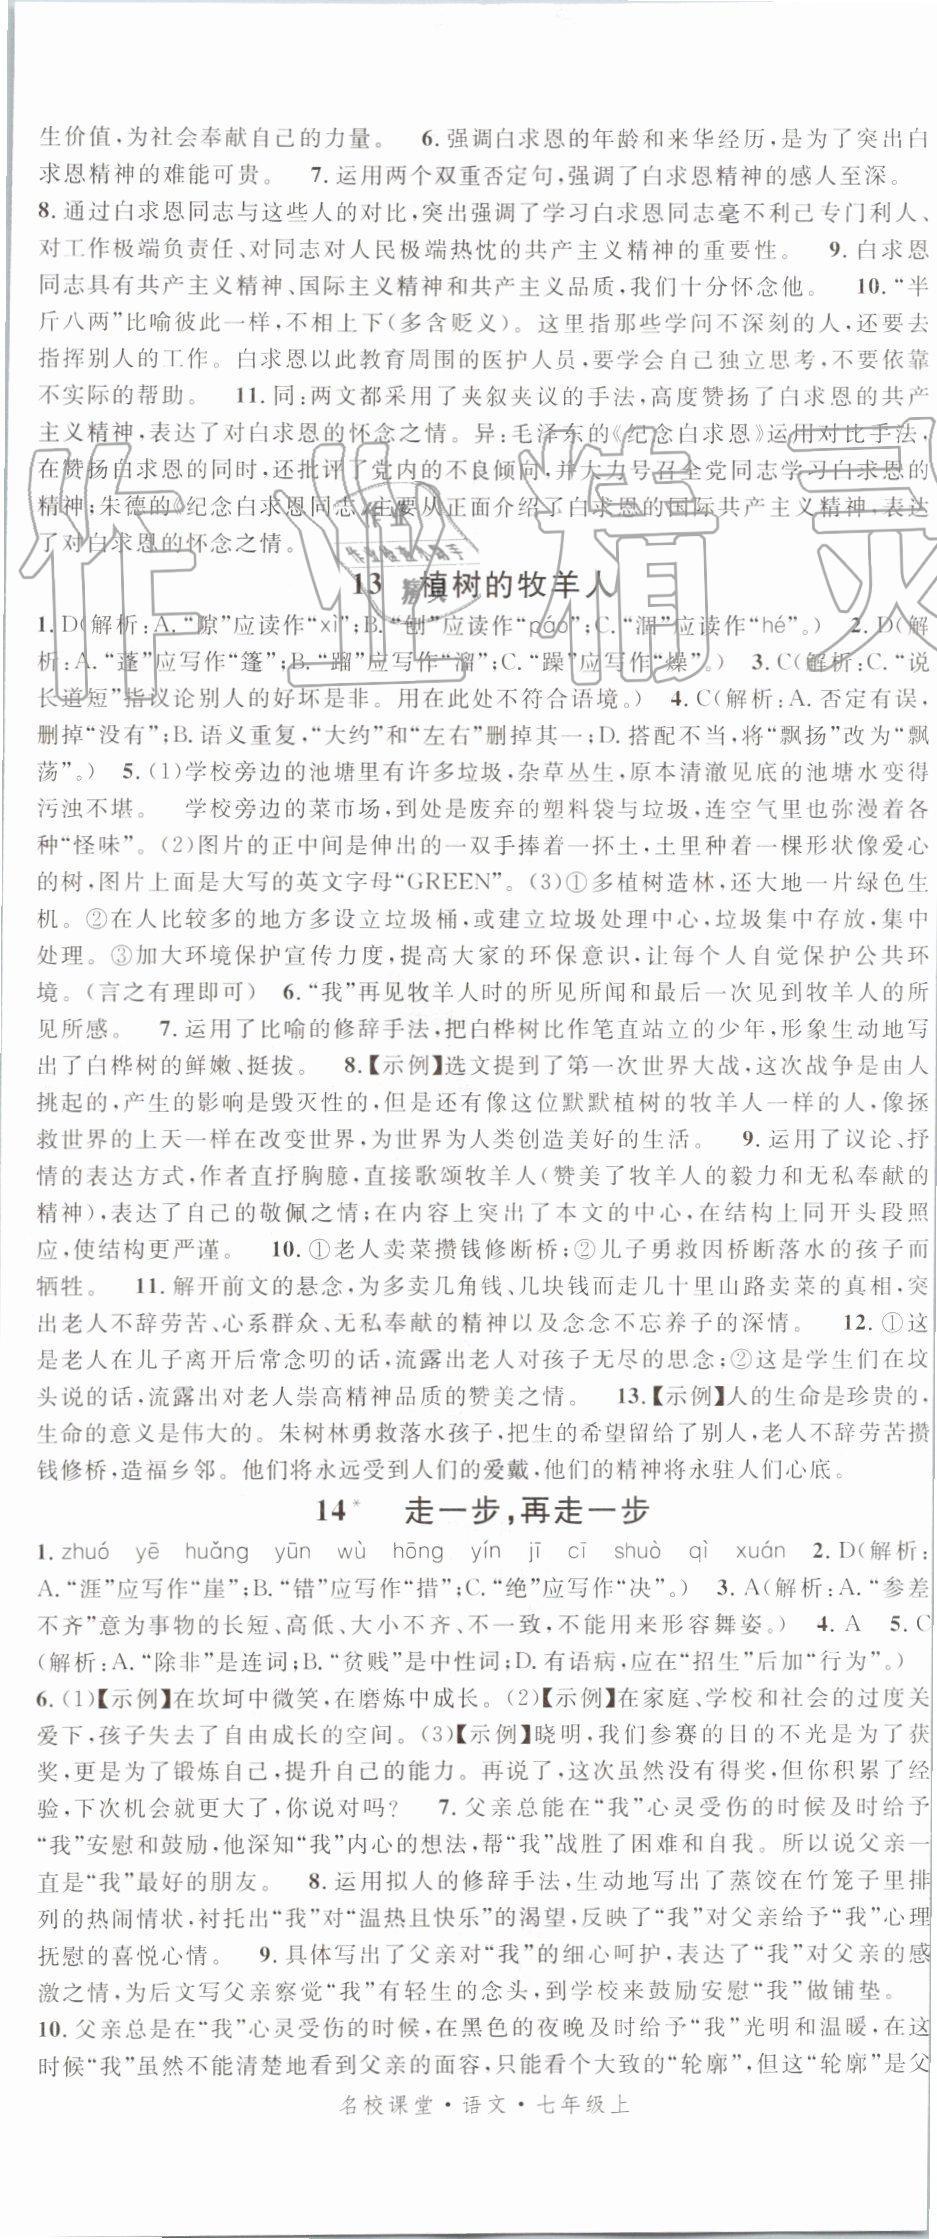 2019年名校课堂七年级语文上册人教版第8页